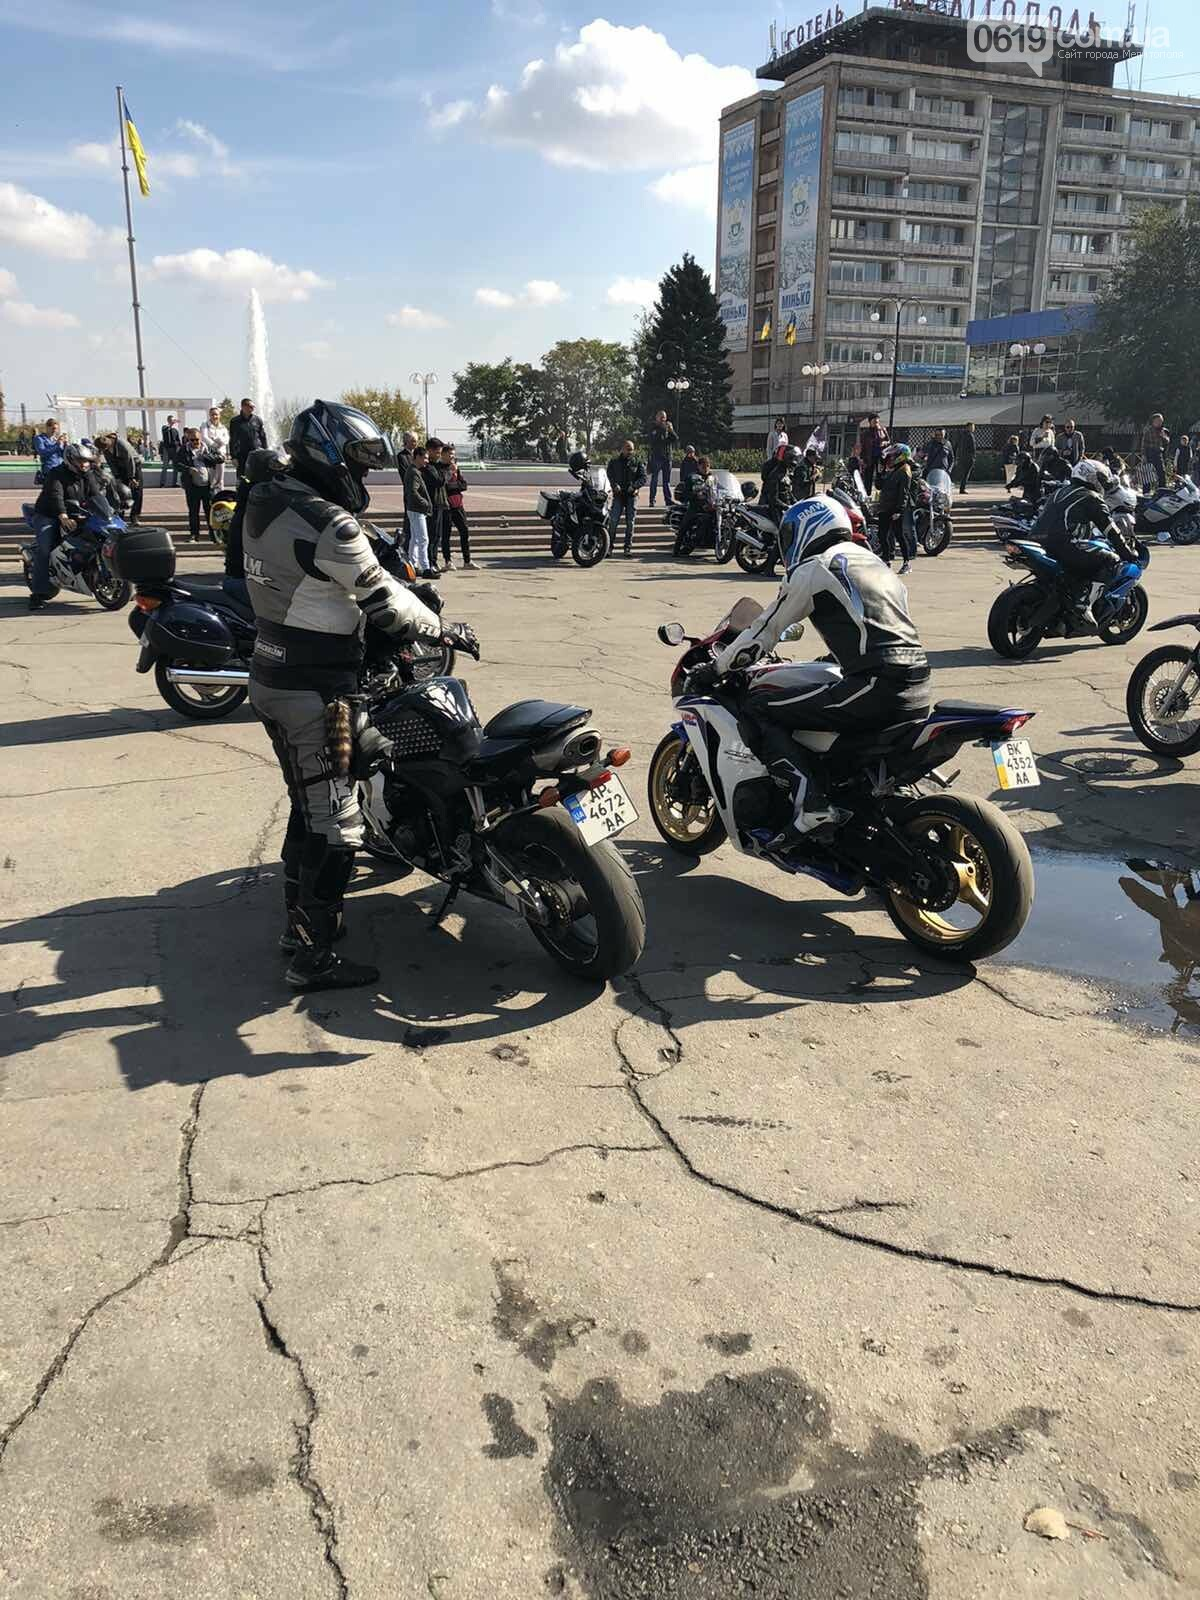 Байкеры проехали колонной по Мелитополю в честь закрытия мотосезона, - ФОТО, фото-14